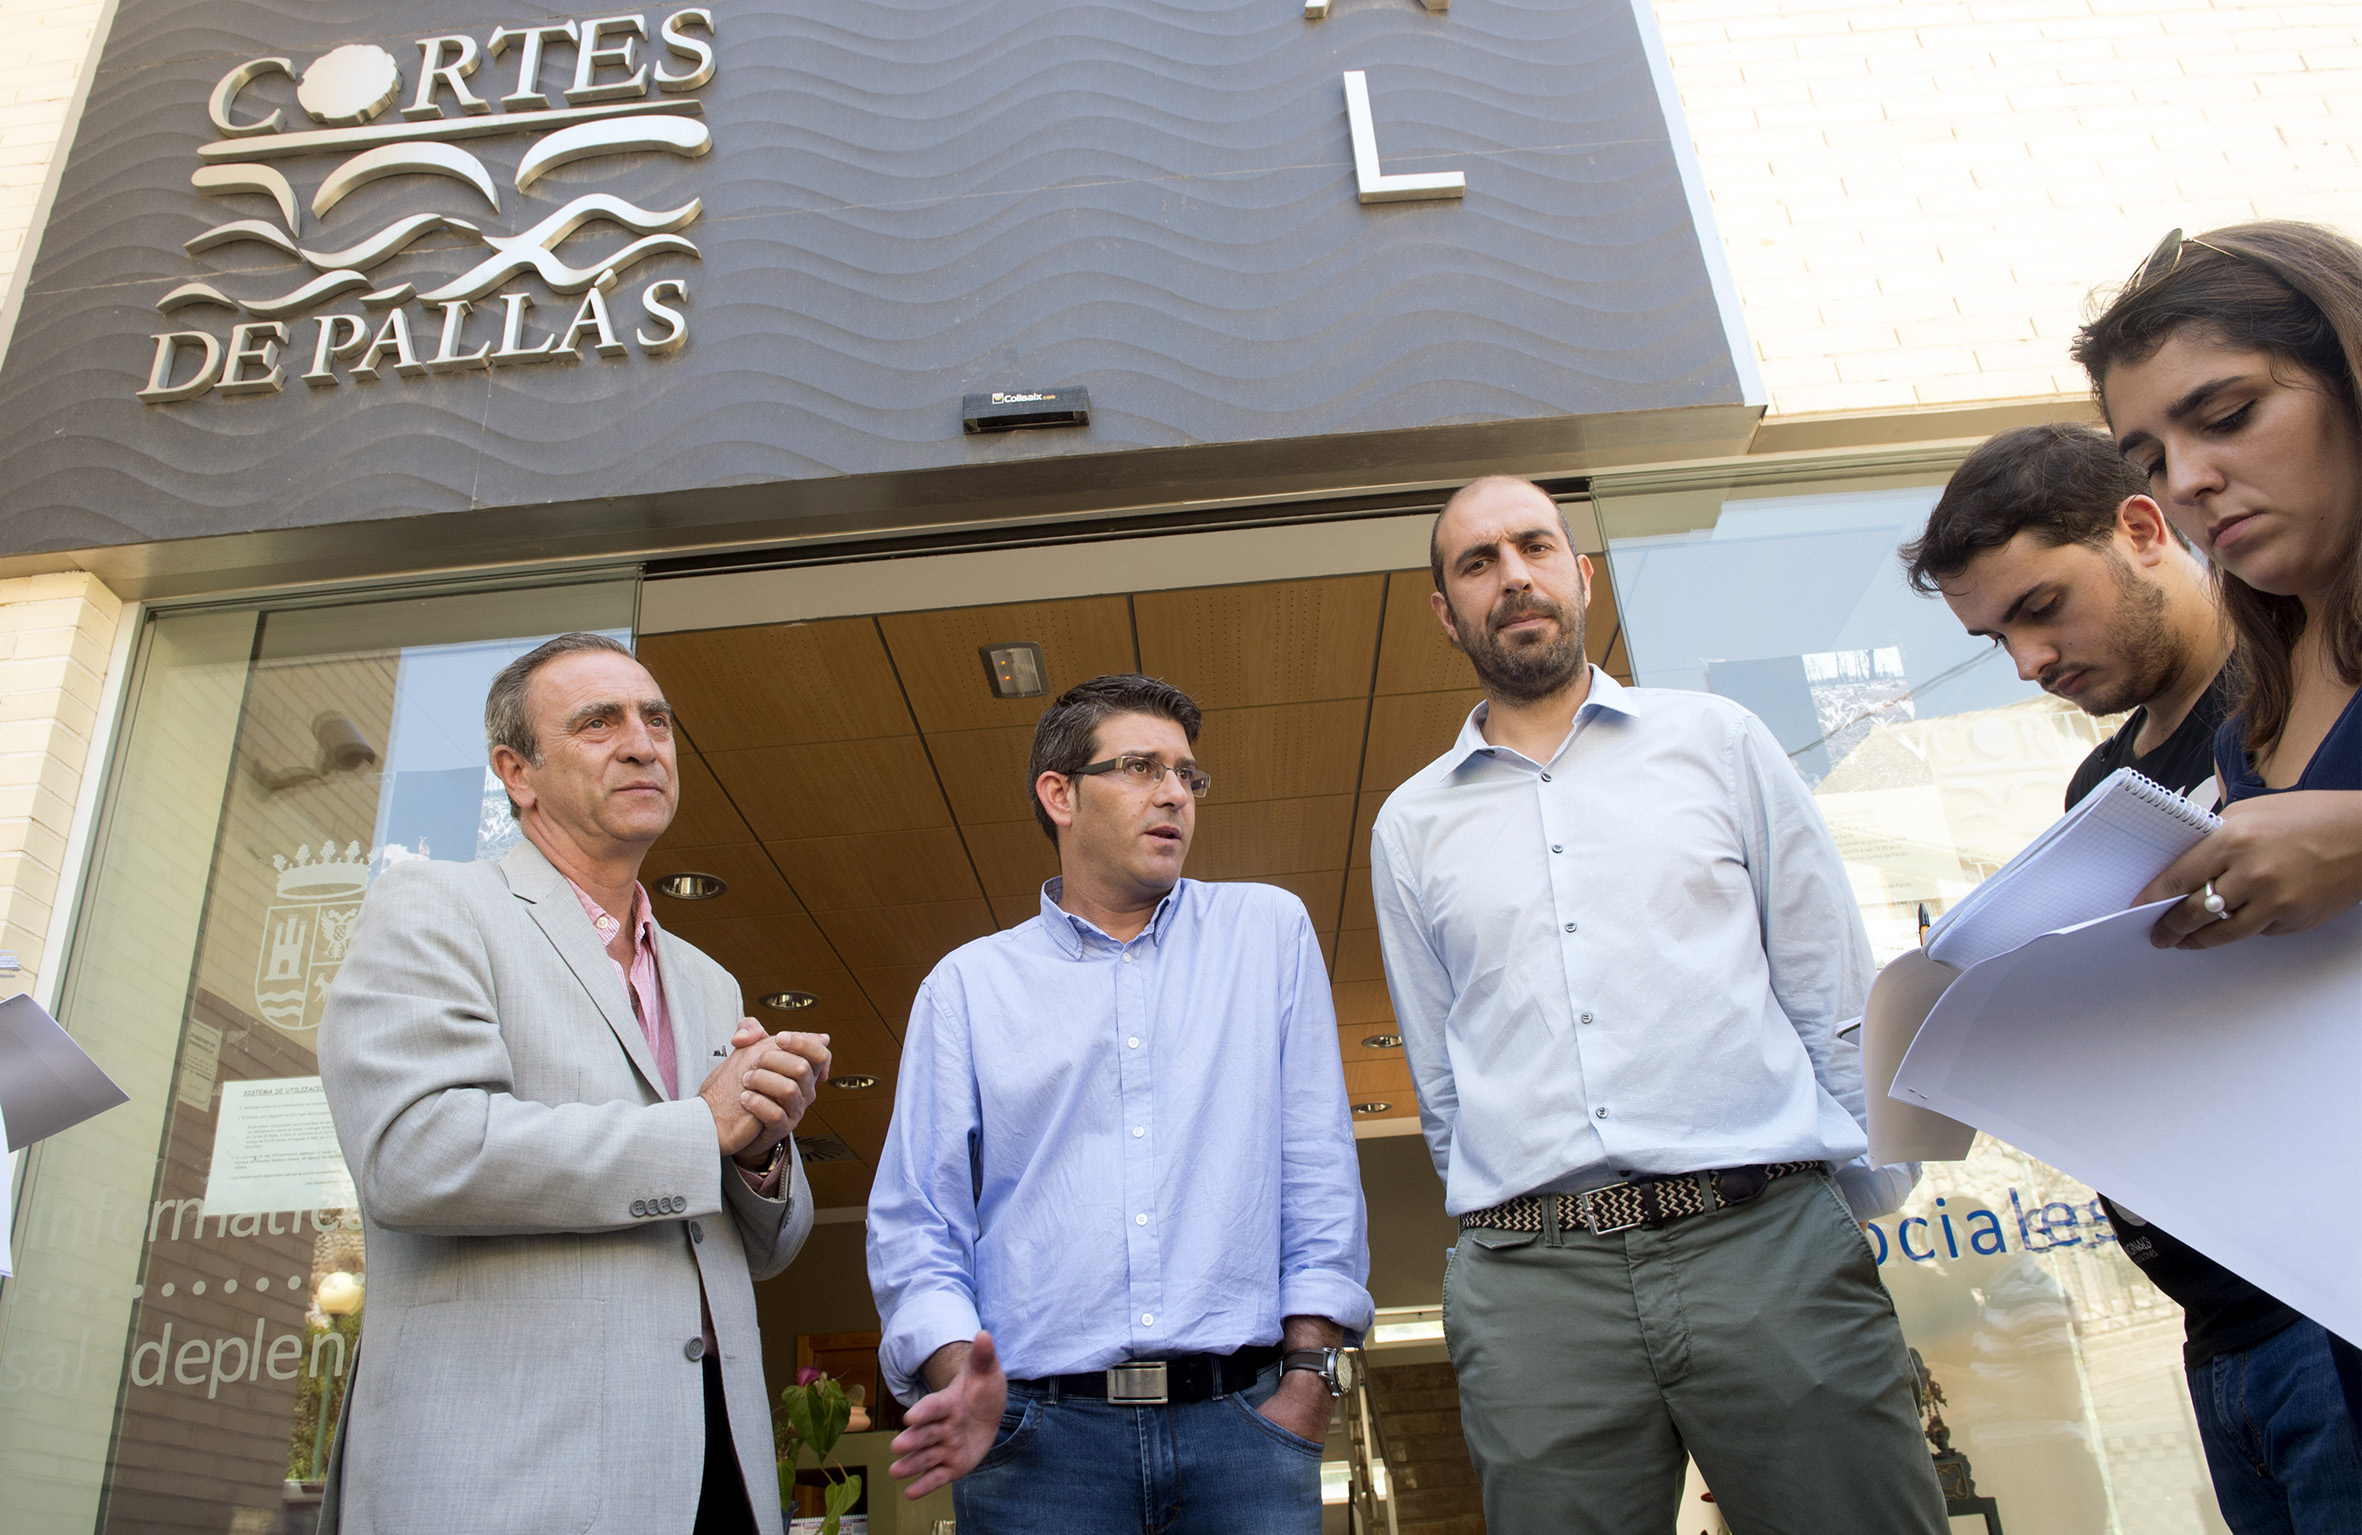 Jorge Rodríguez, Pablo Seguí i Fernando Navarro atenent als mitjans de comunicació.